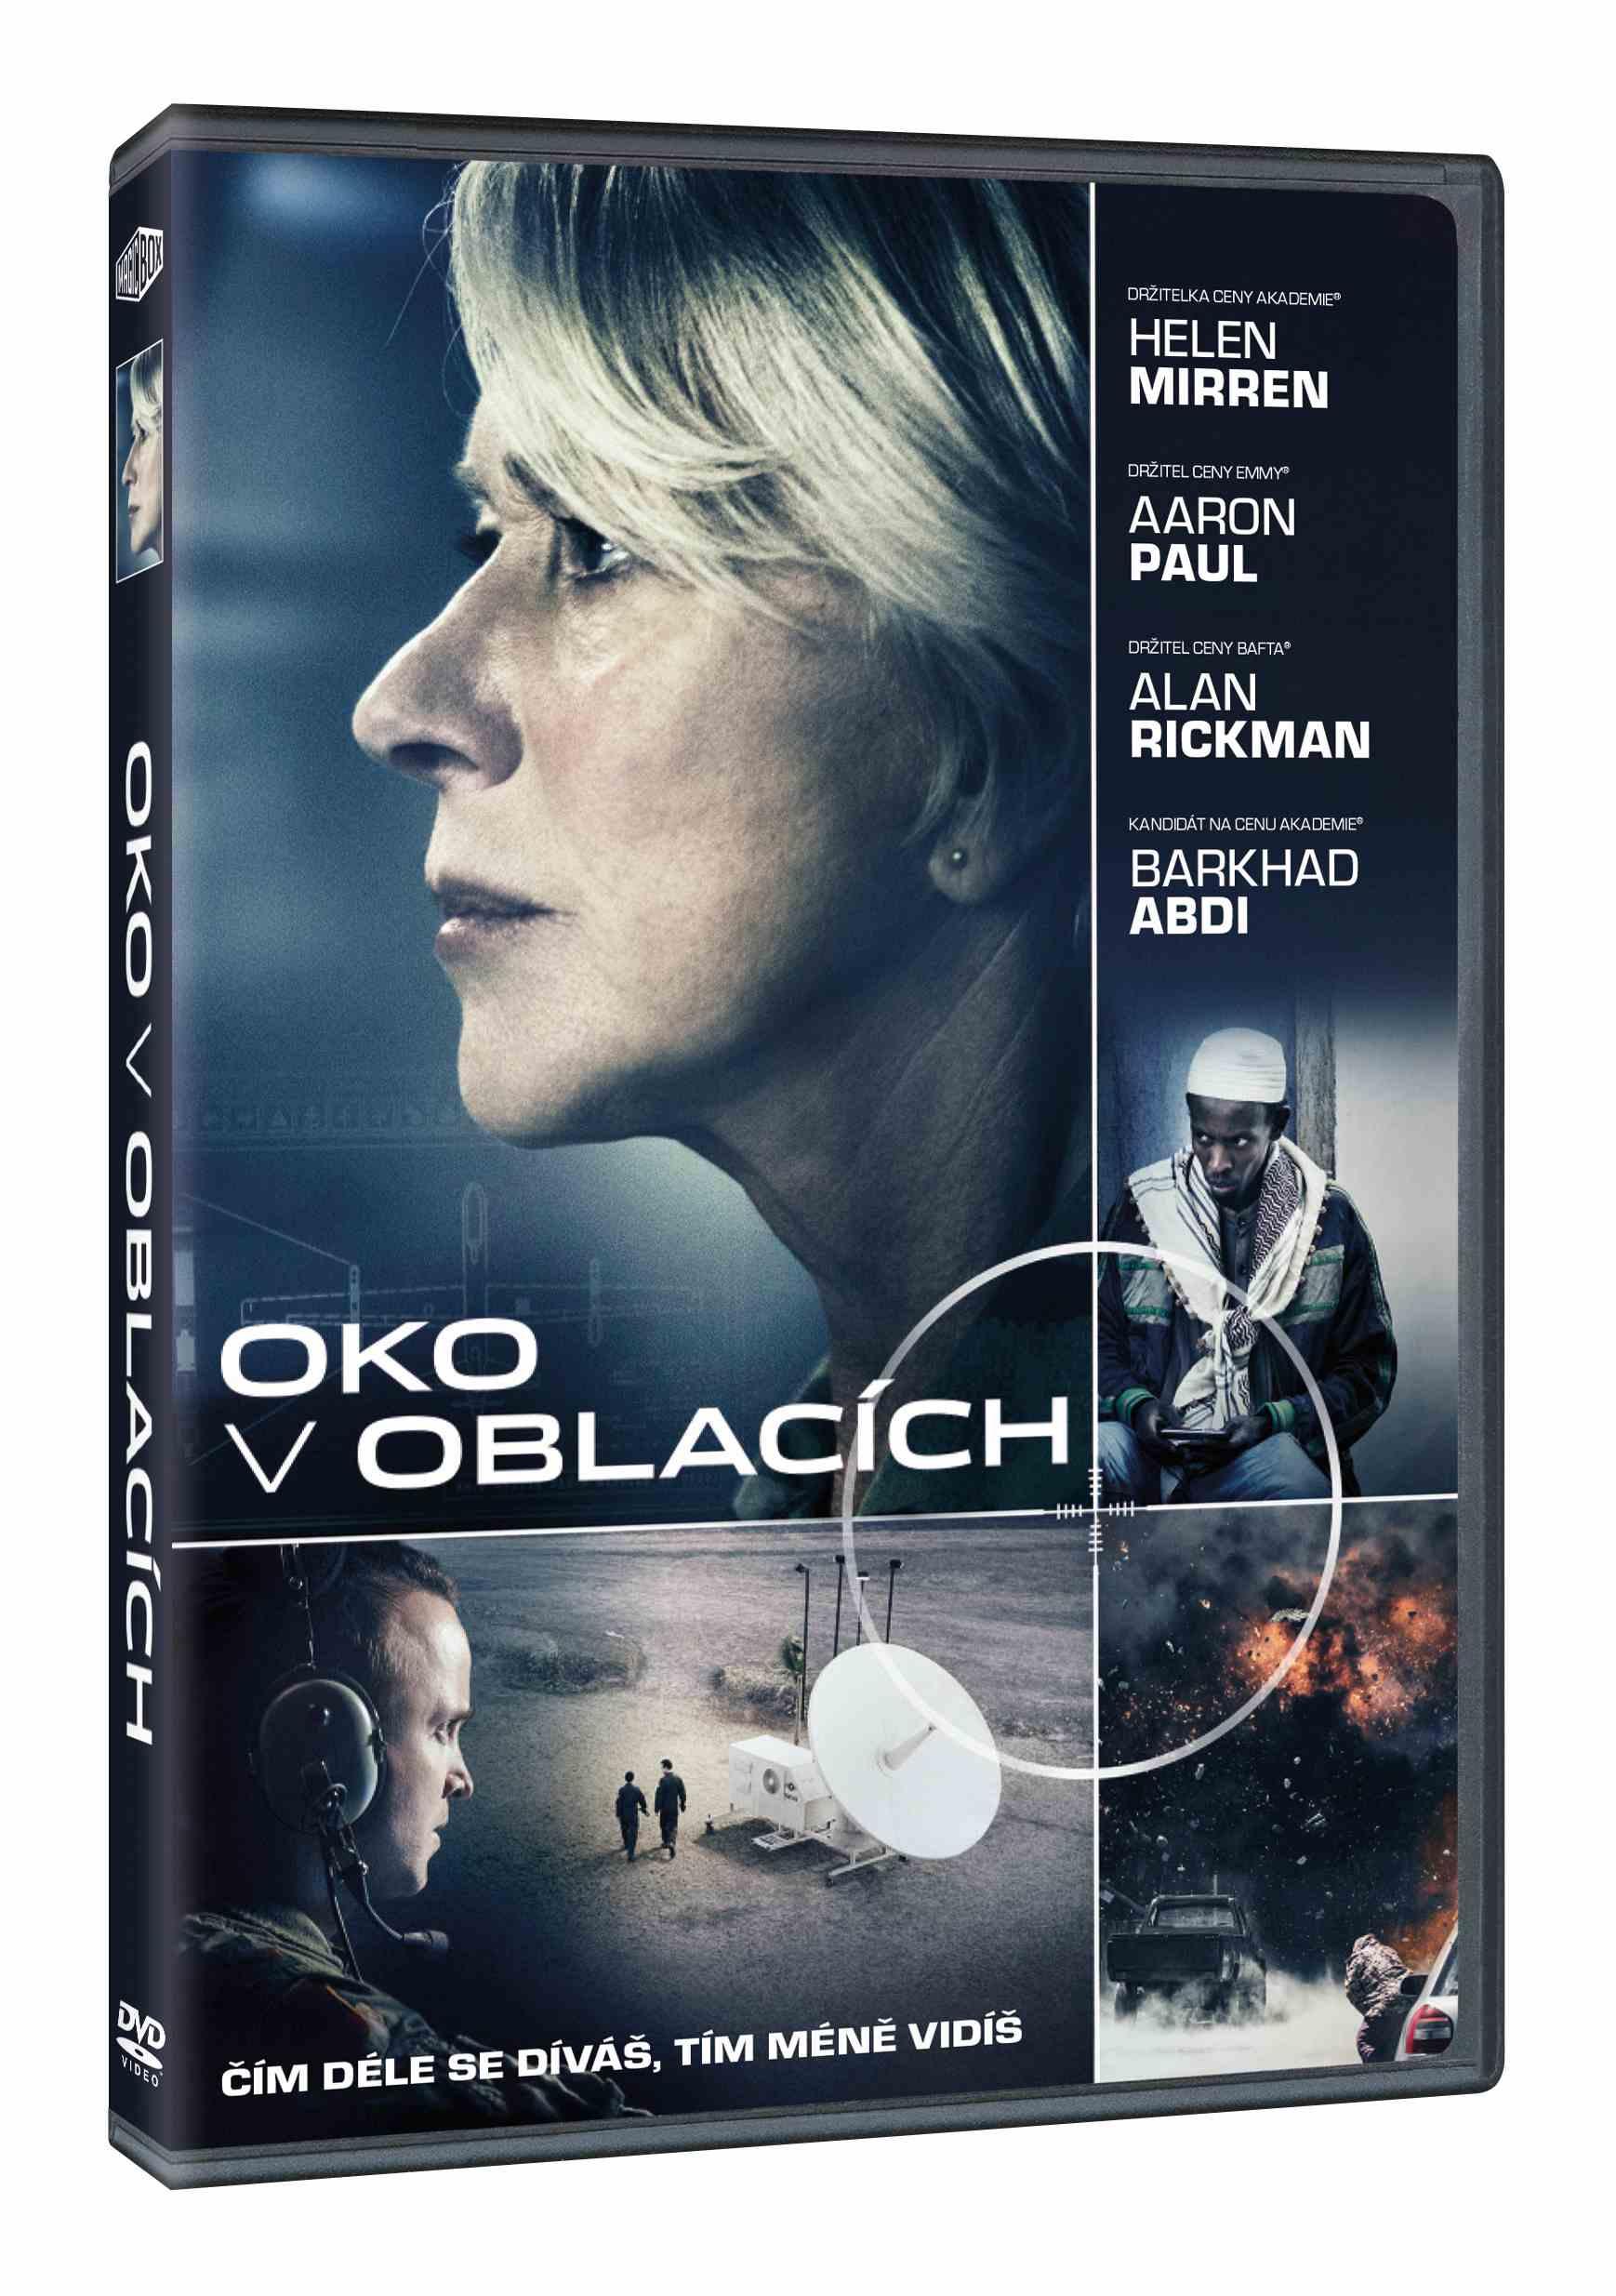 OKO V OBLACÍCH - DVD